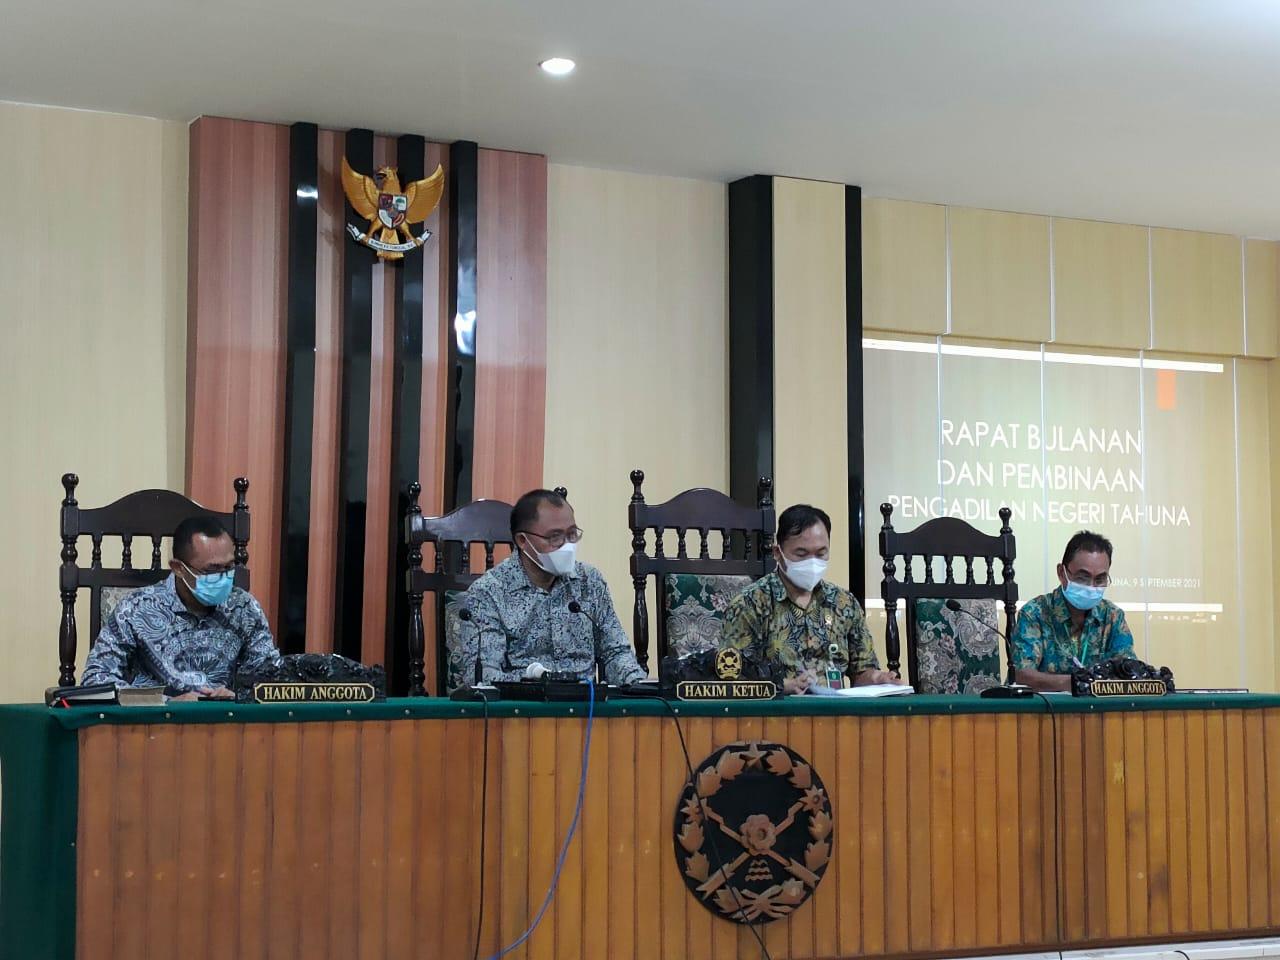 Rapat dan Pengawasan Bulanan Pengadilan Negeri Tahuna